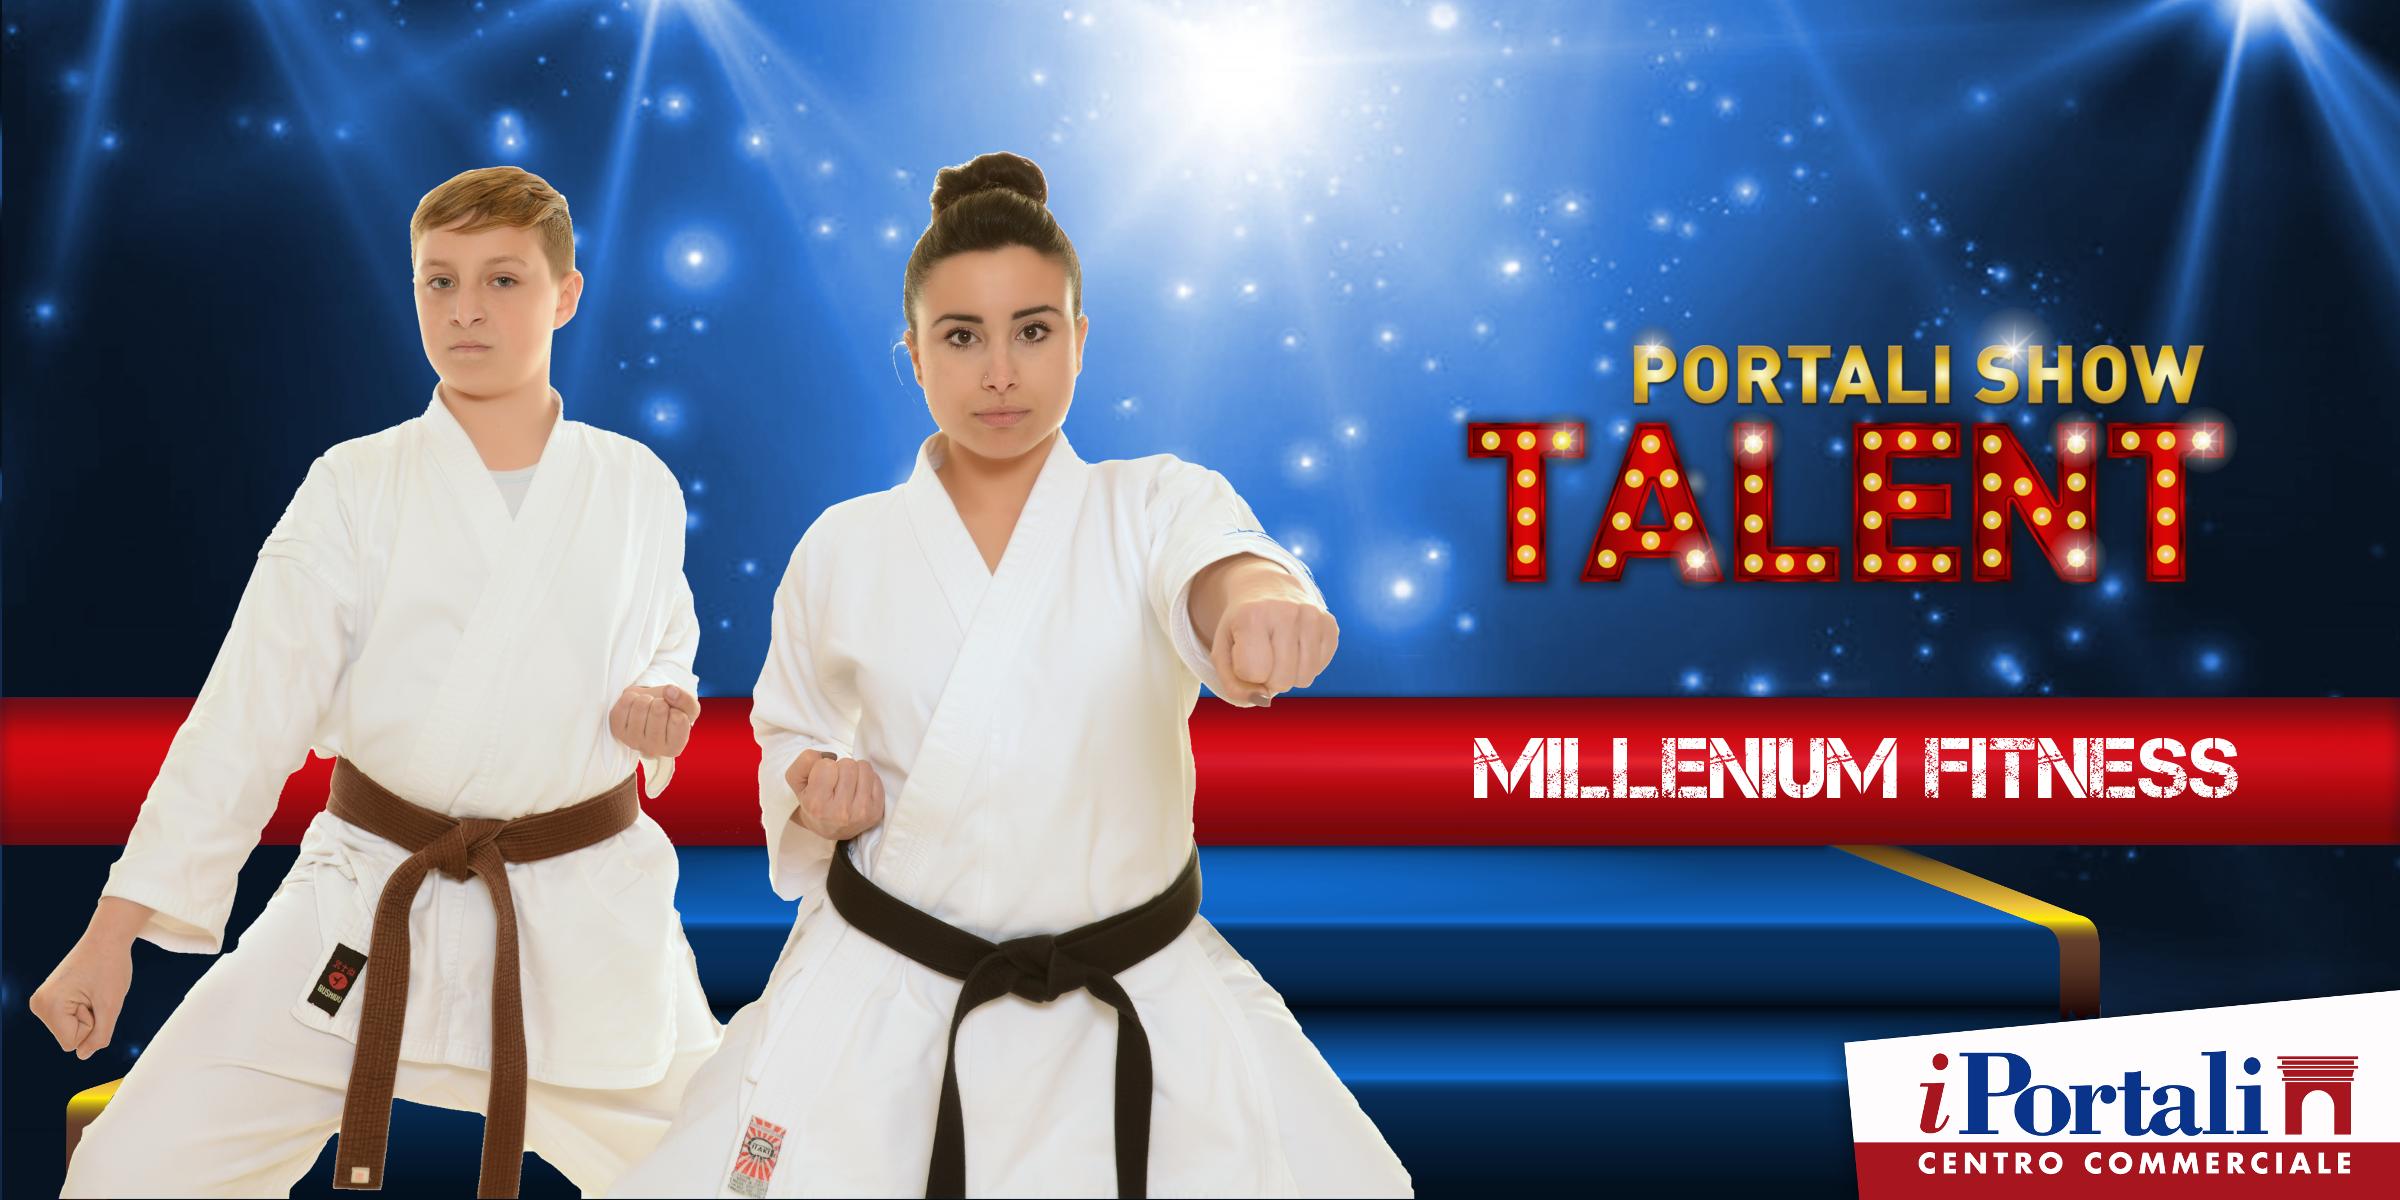 Portali show talent centro commerciale i portalicentro for I portali negozi